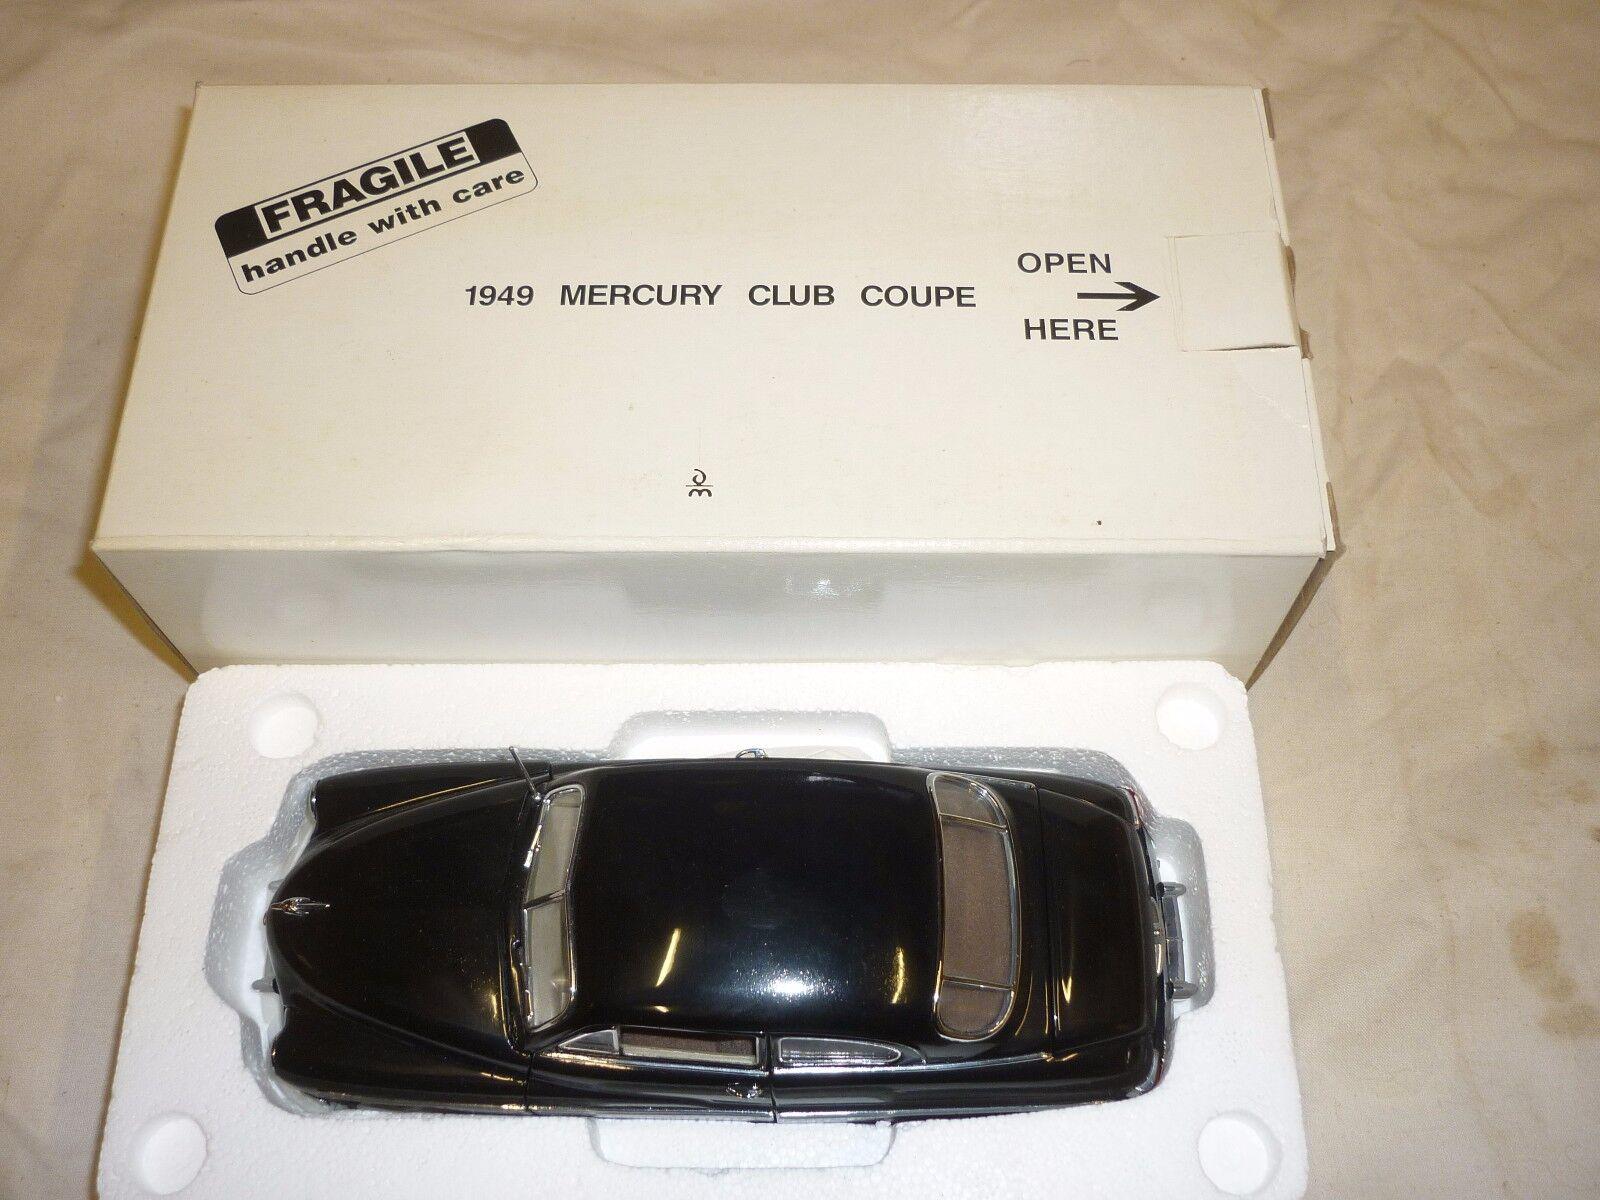 Danbury Nuovo di zecca 1949 MERCURIO Club Coupe, niente Legami scritti, in Scatola, (NMB).